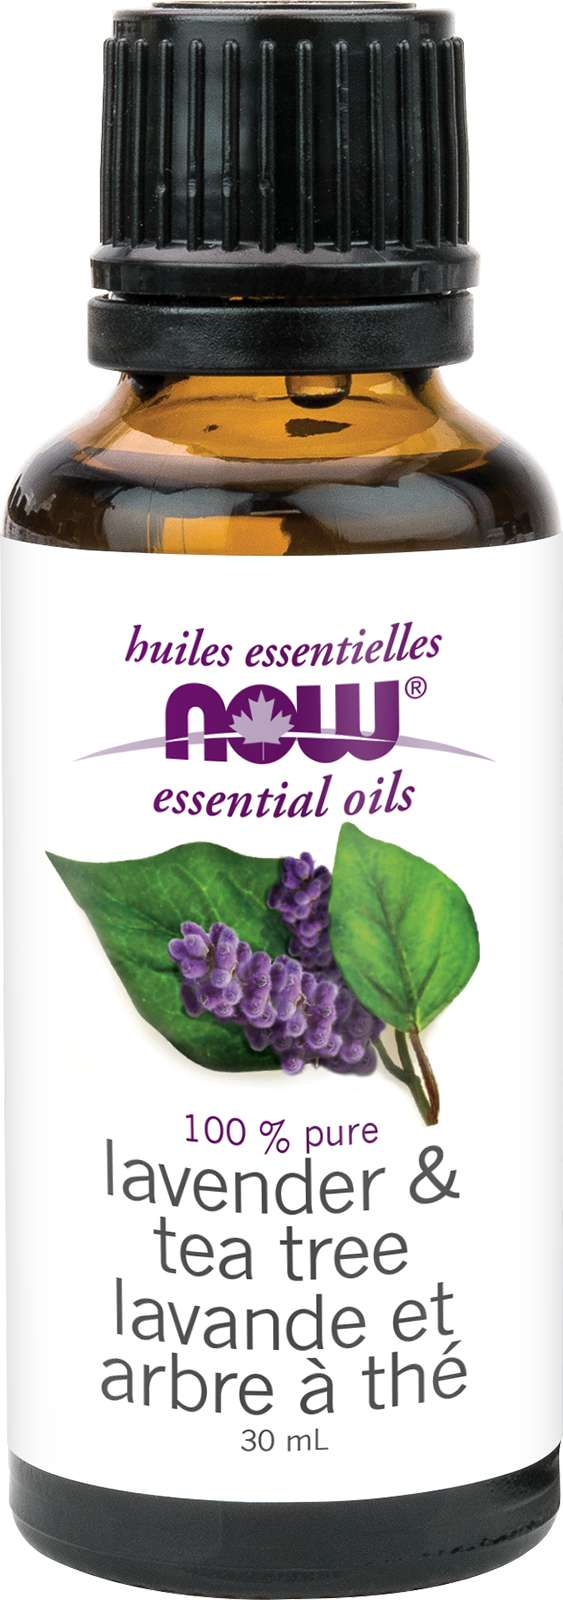 Lavender & Tea Tree Oil 30mL